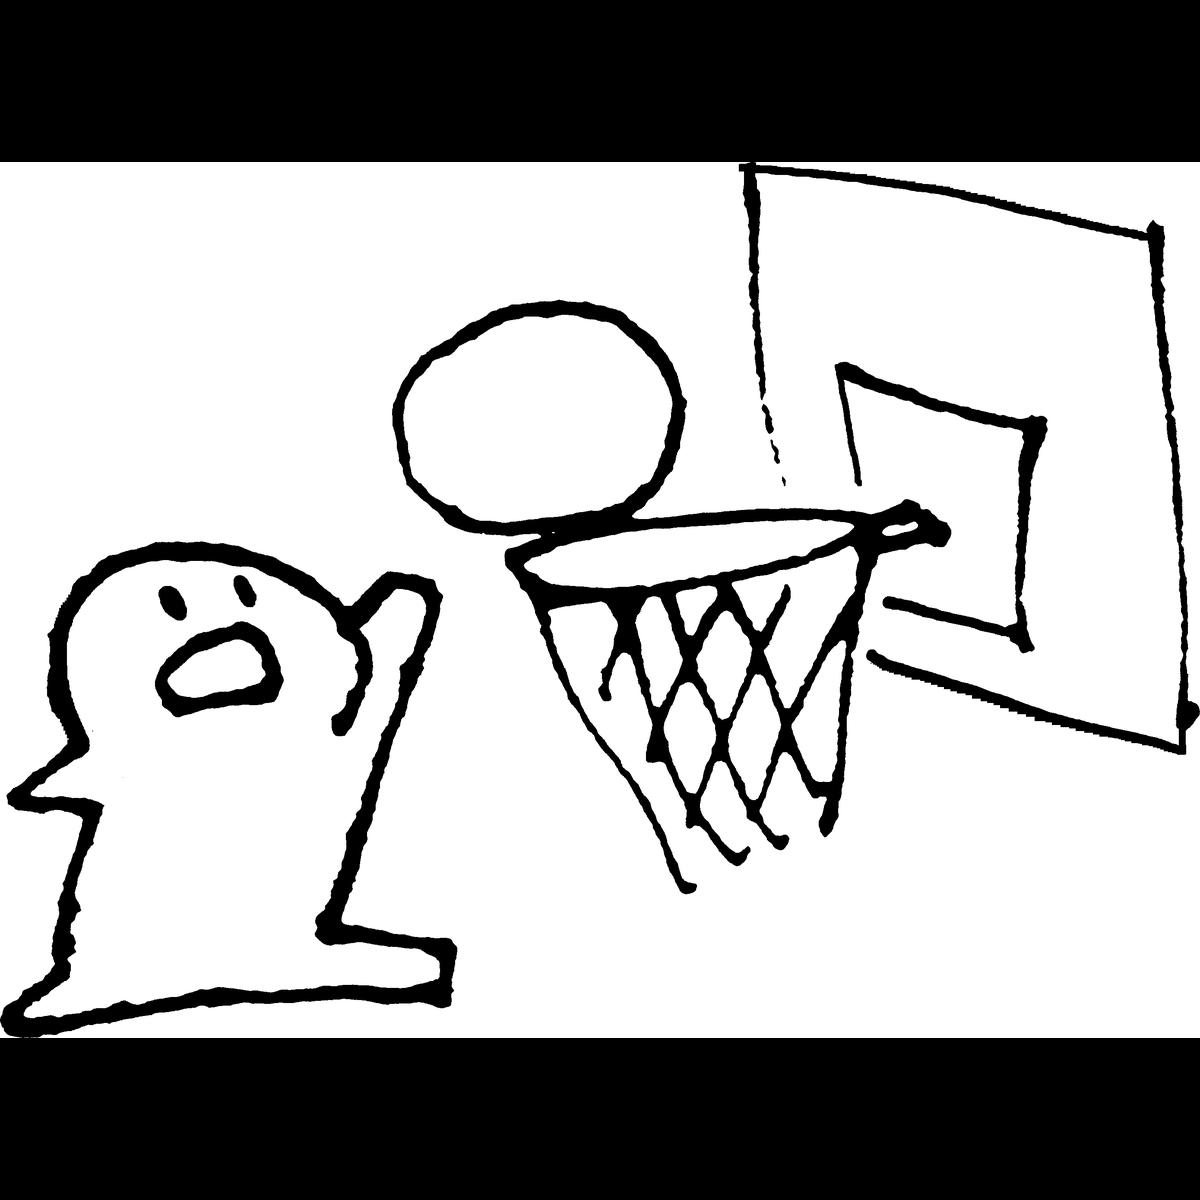 バスケットボールのイラスト Basketball